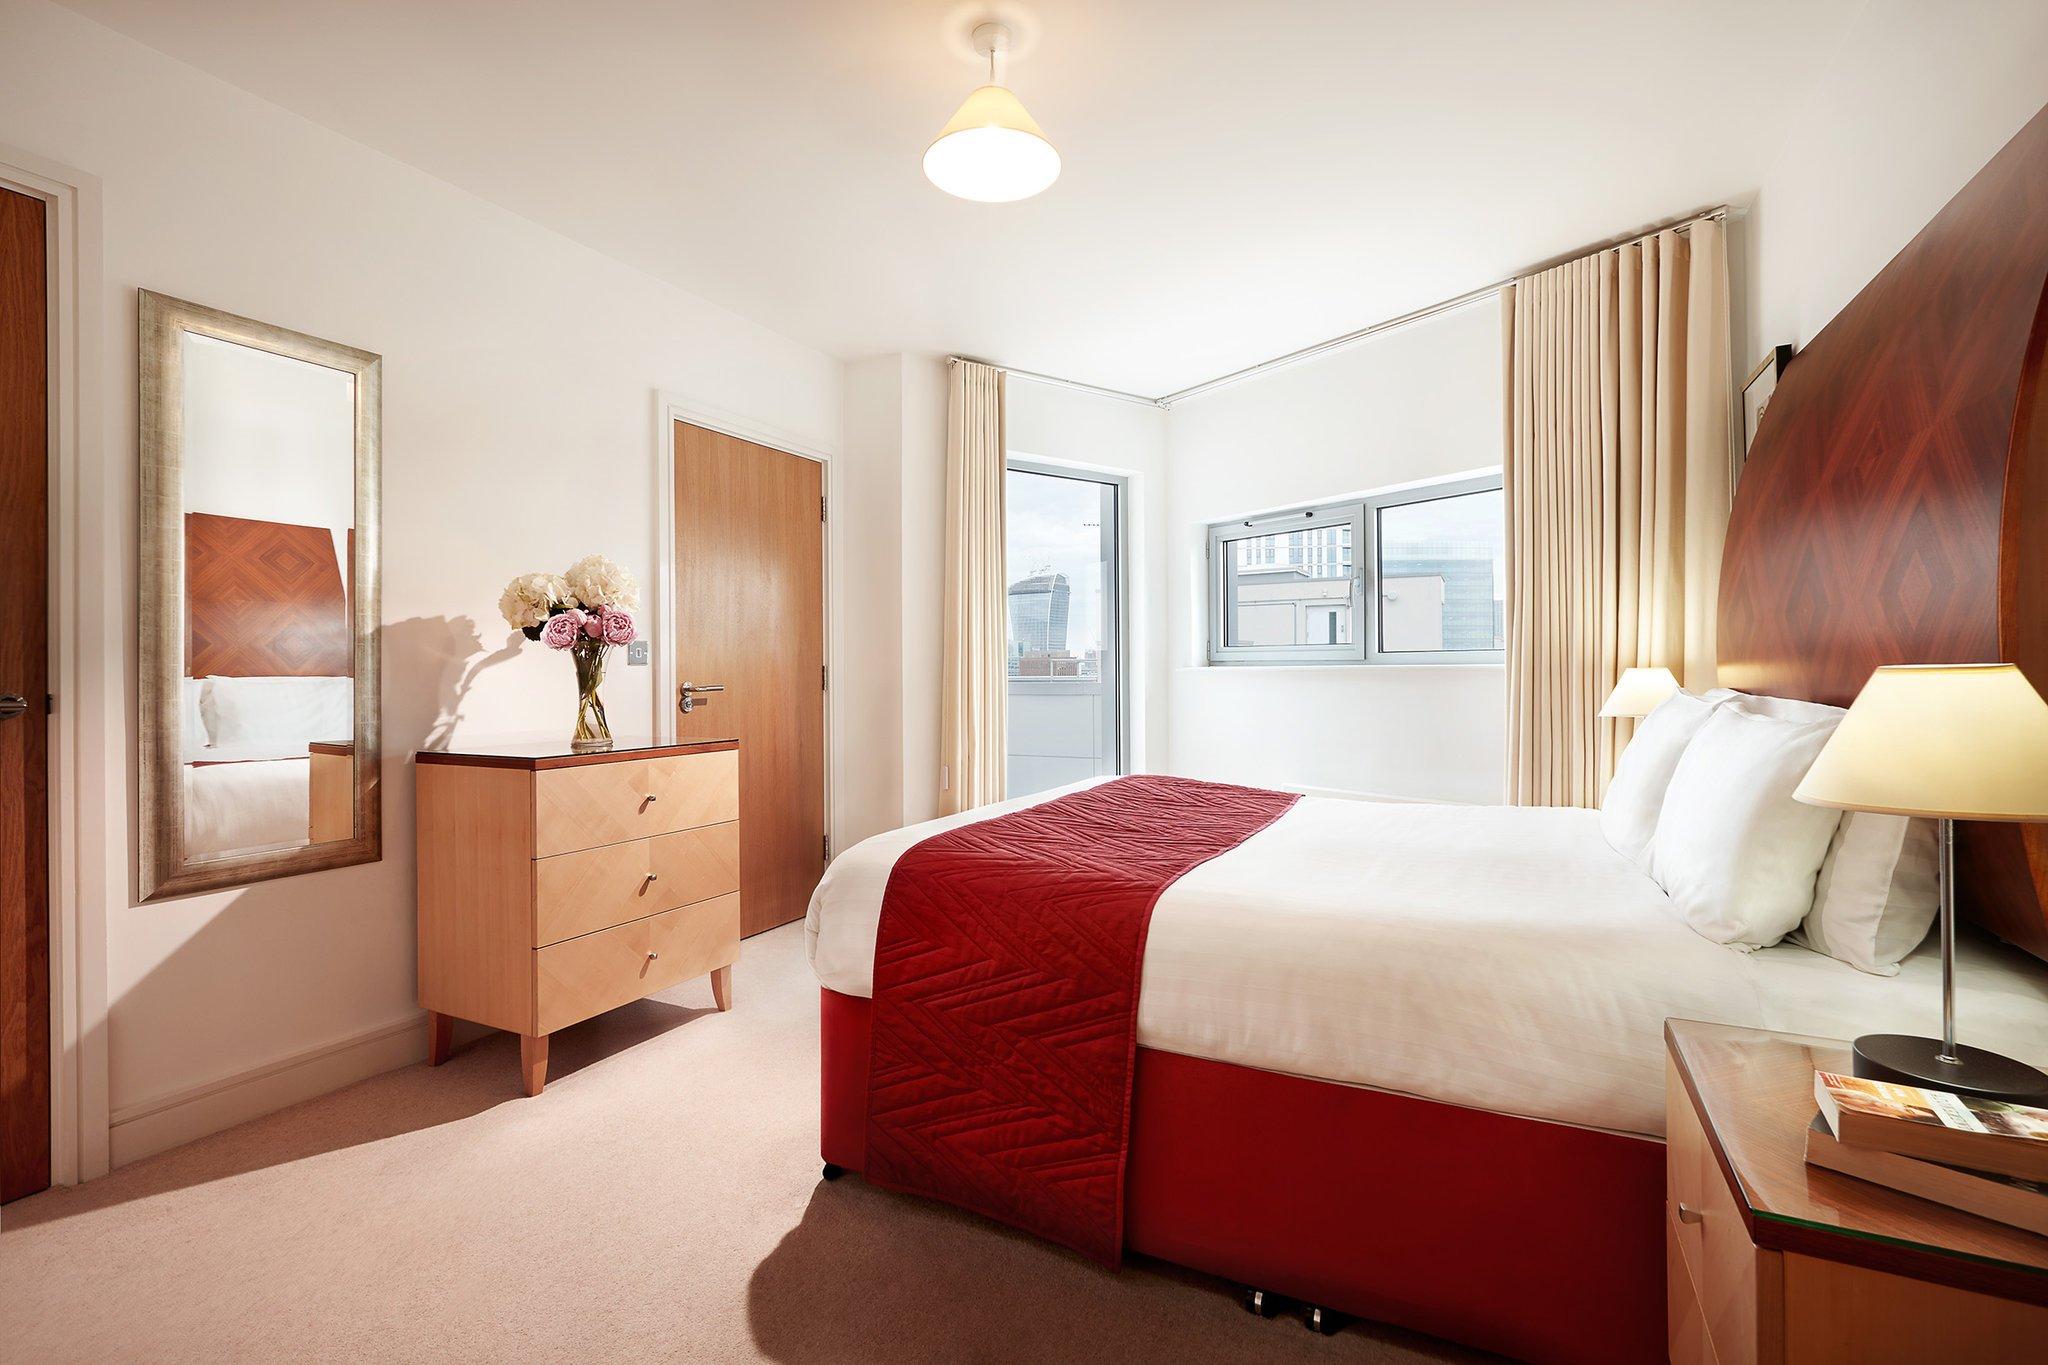 marlin apartments aldgate london apartment reviews